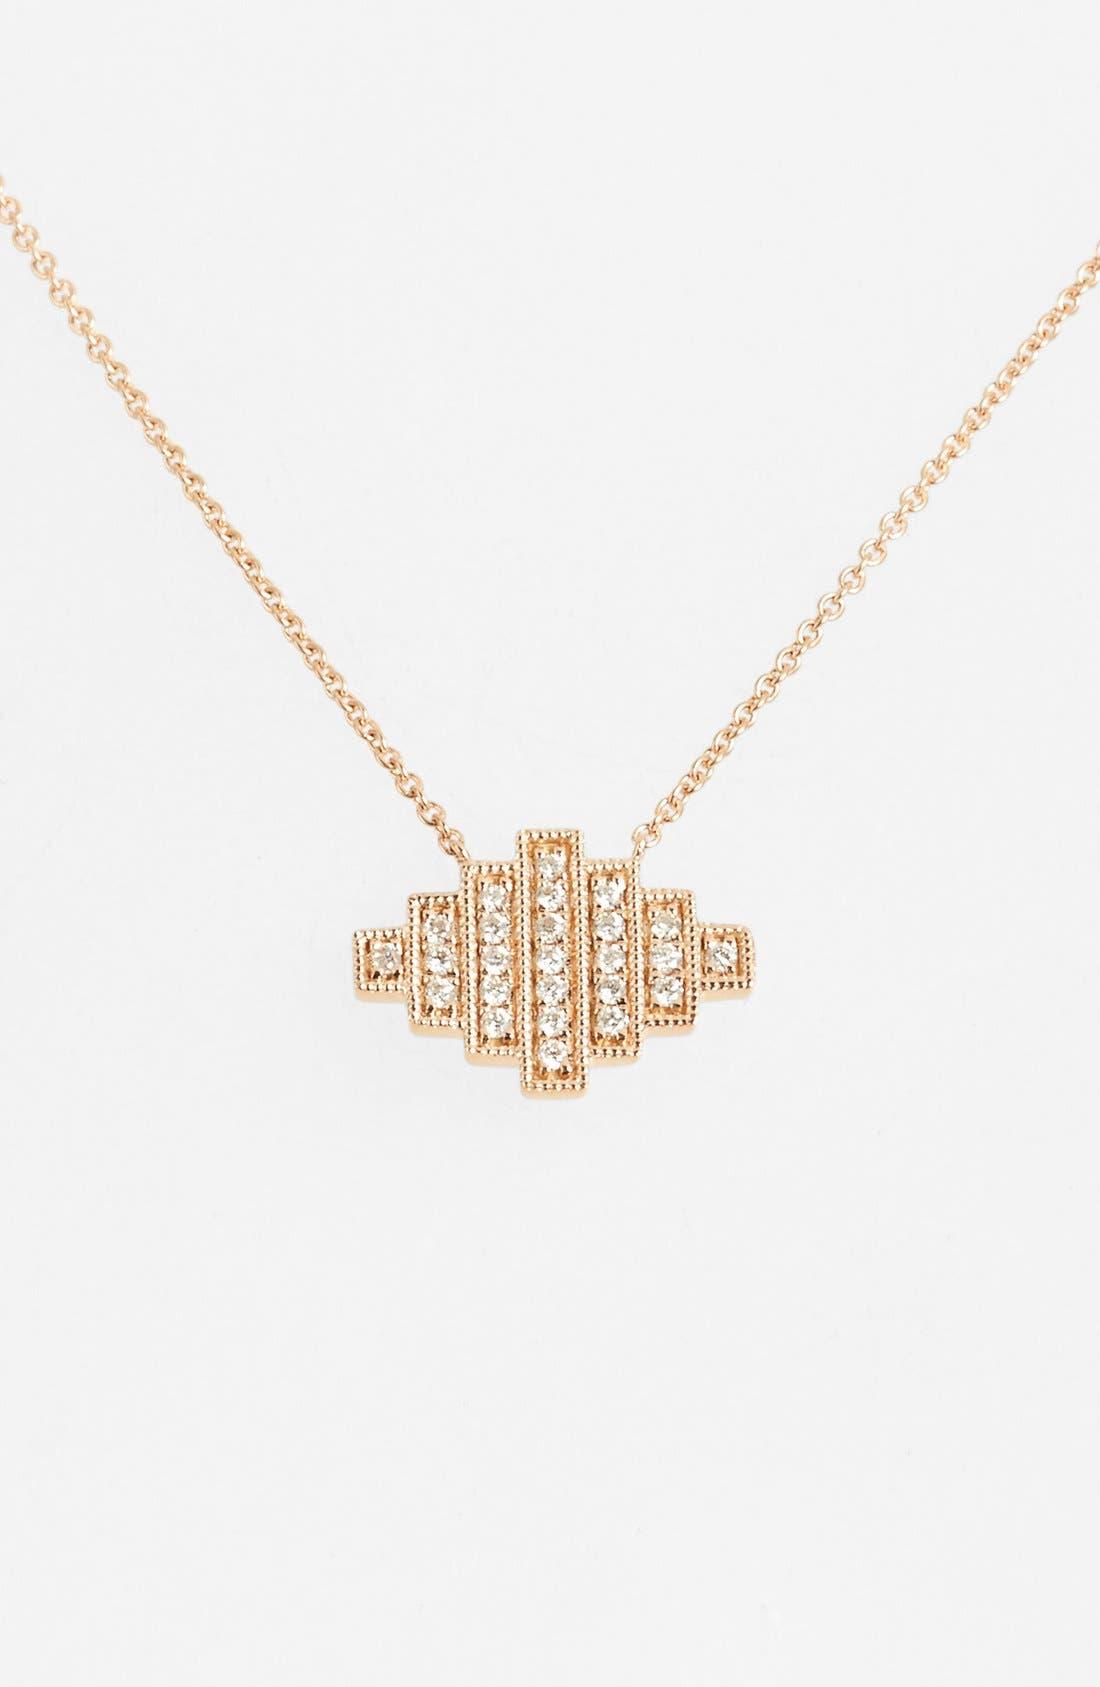 Main Image - Dana Rebecca Designs 'Jeb' Diamond Pendant Necklace